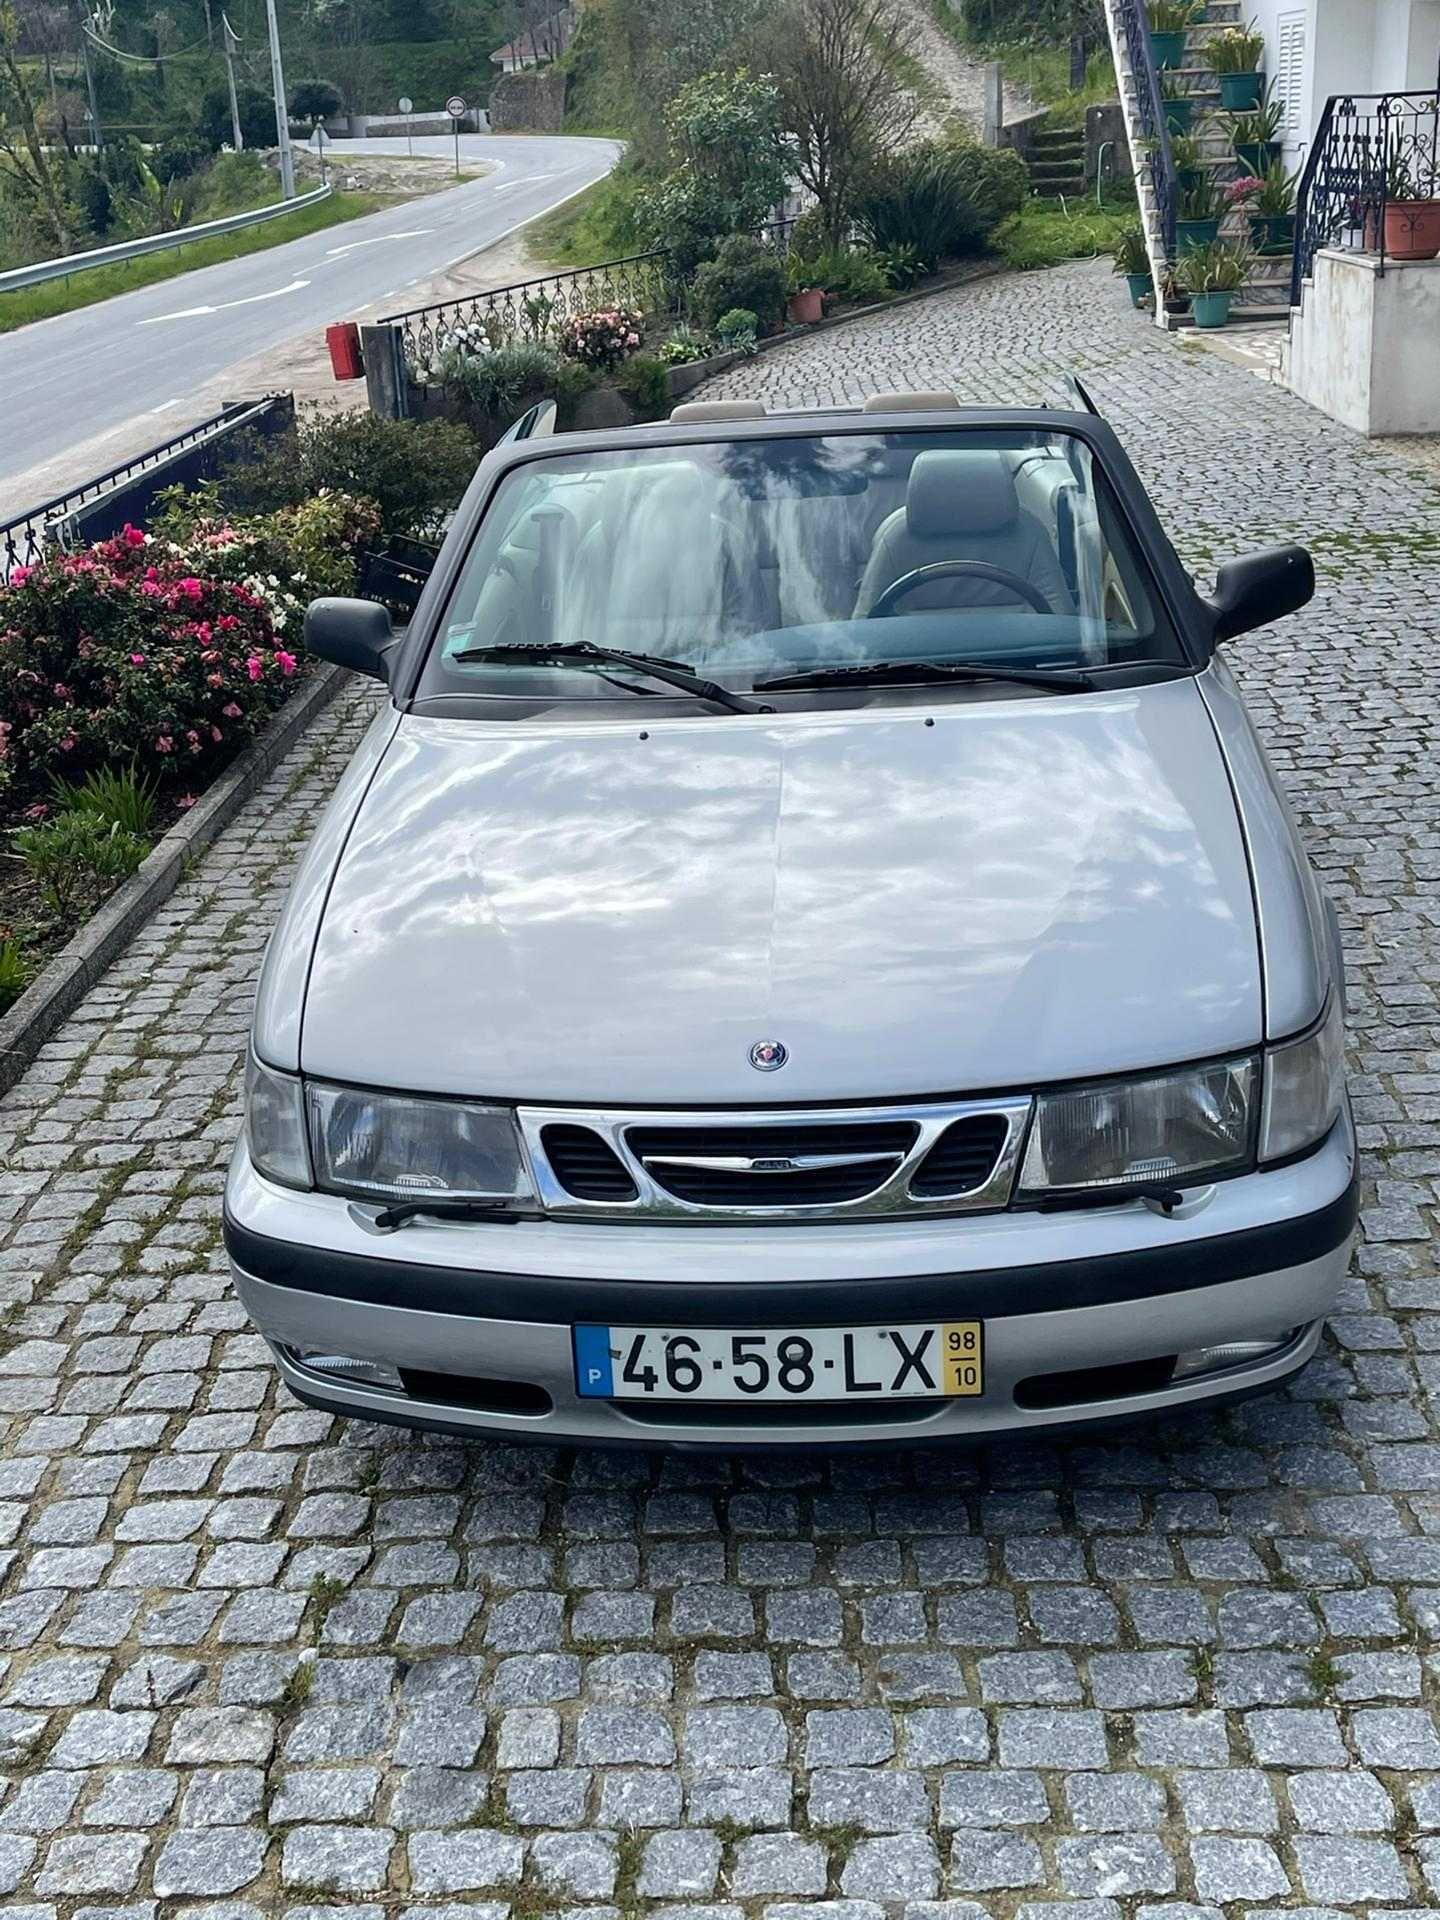 Saab 93 turbo cabrio ou descapotável